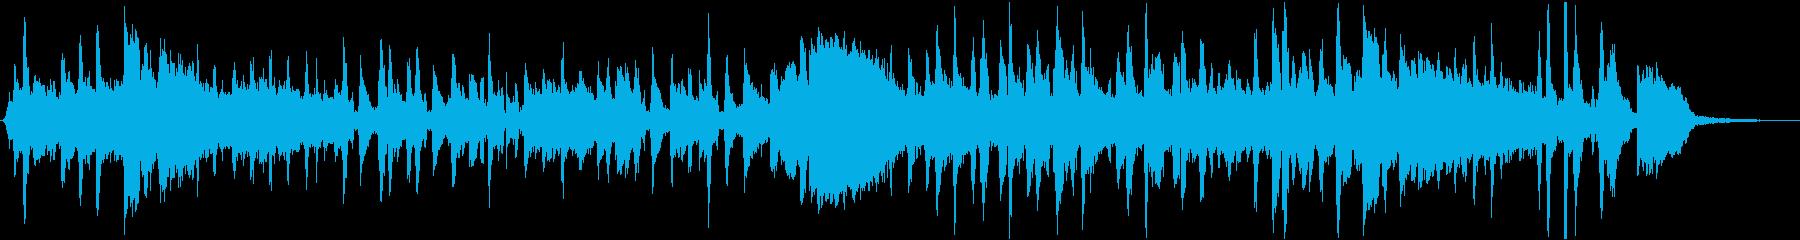 オムライスをテーマにした楽曲の再生済みの波形